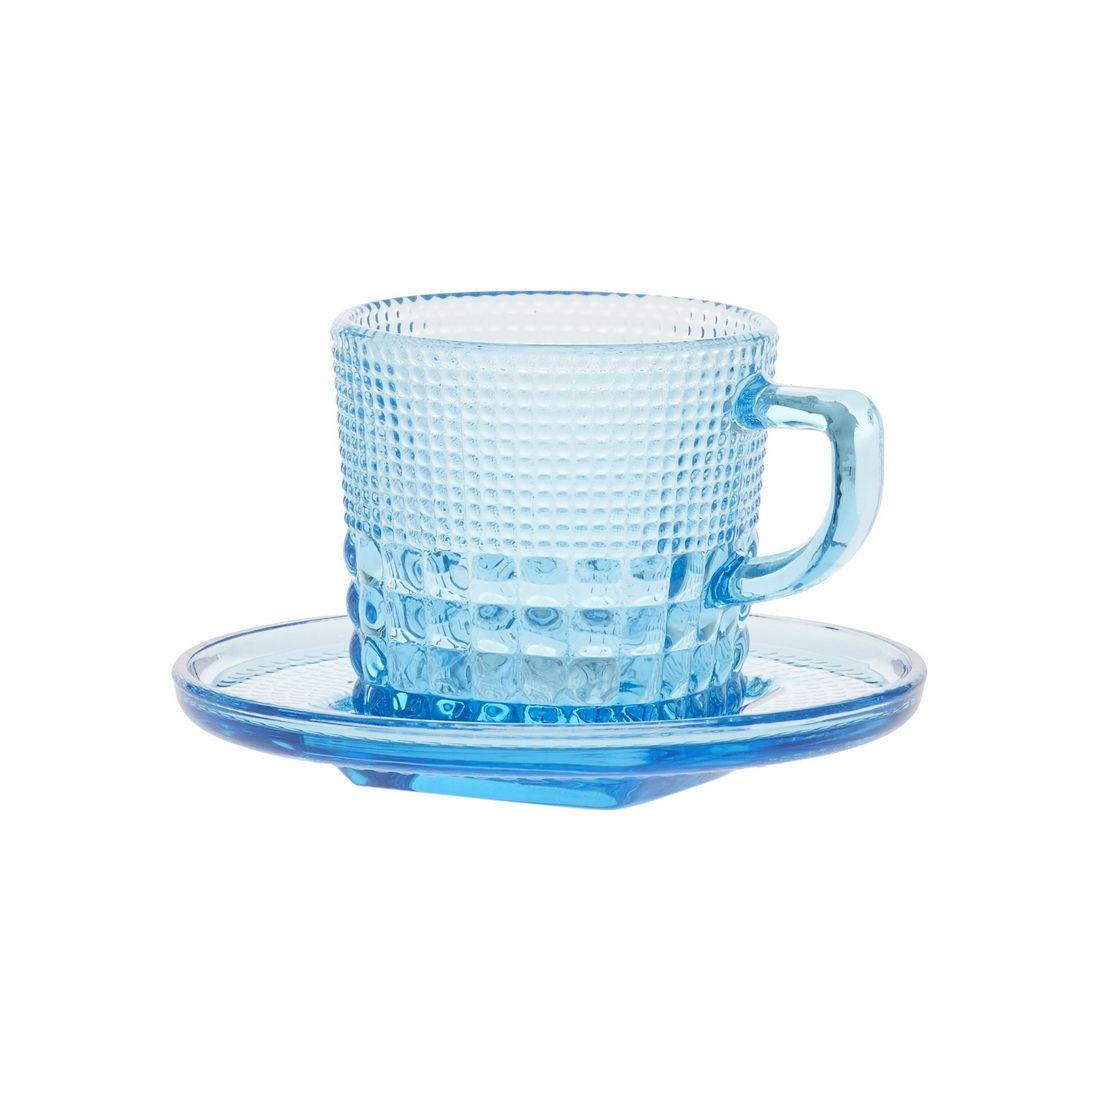 Чашка с блюдцем кофейная Royal drops, голубойЧашка с блюдцем кофейная Роял дропс представляет собой стильную пару в оригинальном и ярком дизайне. Она станет настоящим украшением вашего стола и подойдет как для повседневного использования, так и для торжественных случаев, для дома и офиса, а также для кафе и баров. Модель выполнена из усиленного цветного стекла с необычным рельефным декором. Толстое стекло эффективно сохраняет первоначальную температуру напитка. Оптимальный объем модели подойдет как для эспрессо, так для американо. Чашка с блюдцем кофейная Роял дропс – лучший выбор для ценителей кофе и чаепитий.<br>